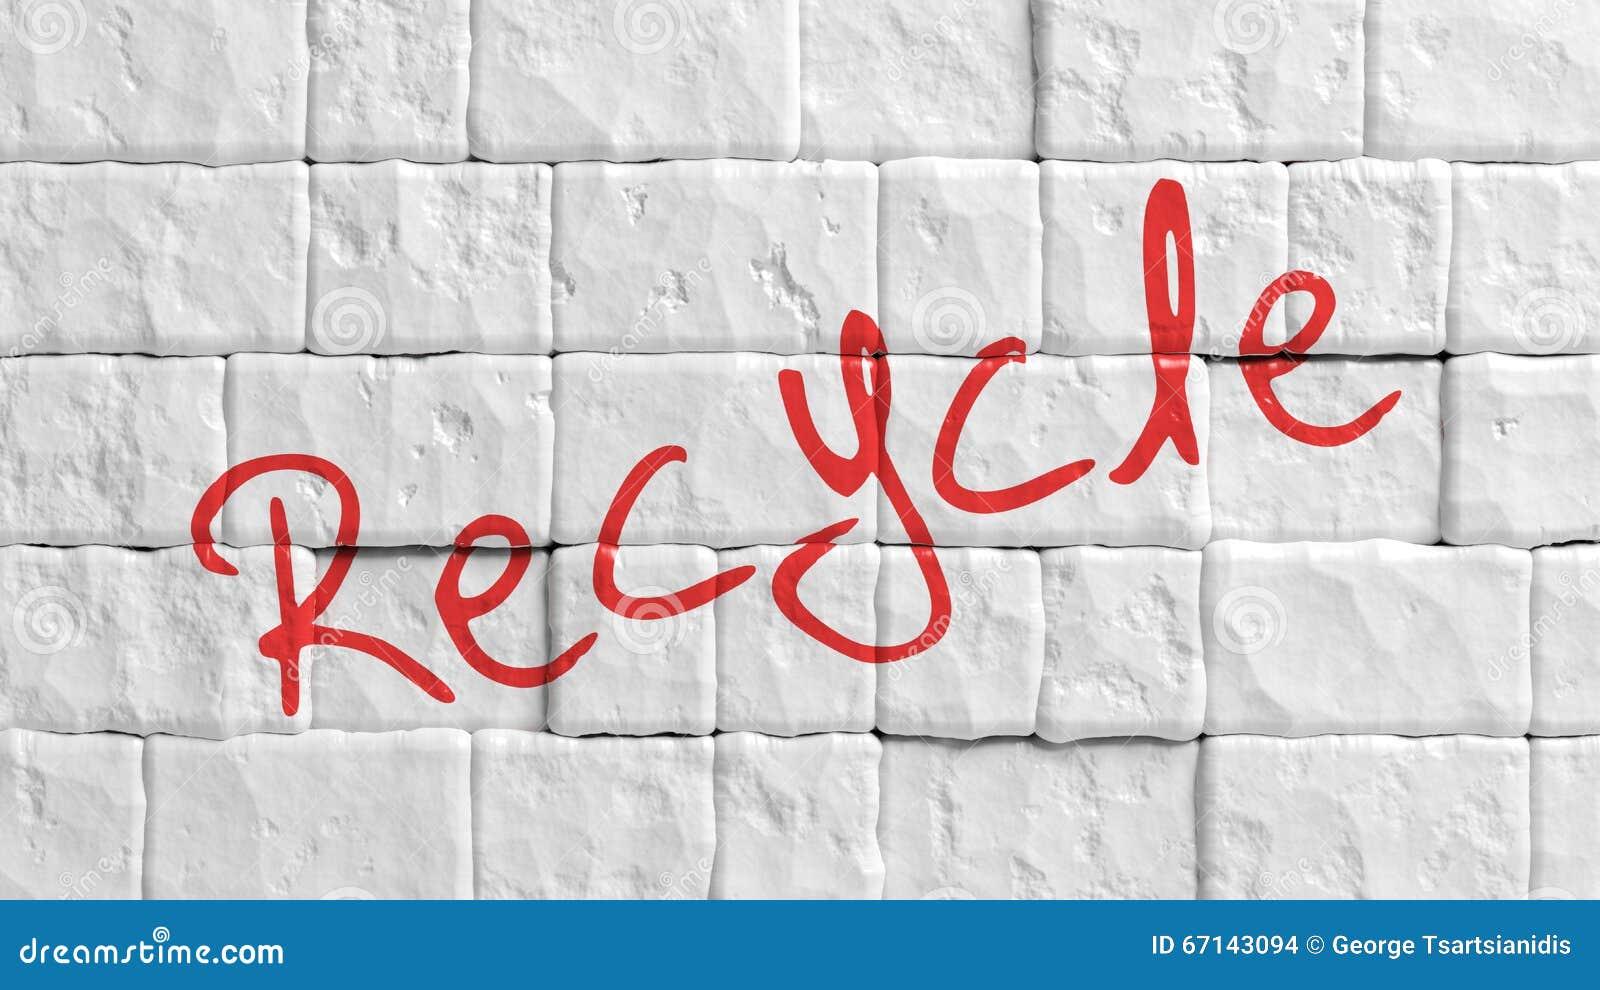 Le mur de briques peint par blanc avec le rouge réutilisent